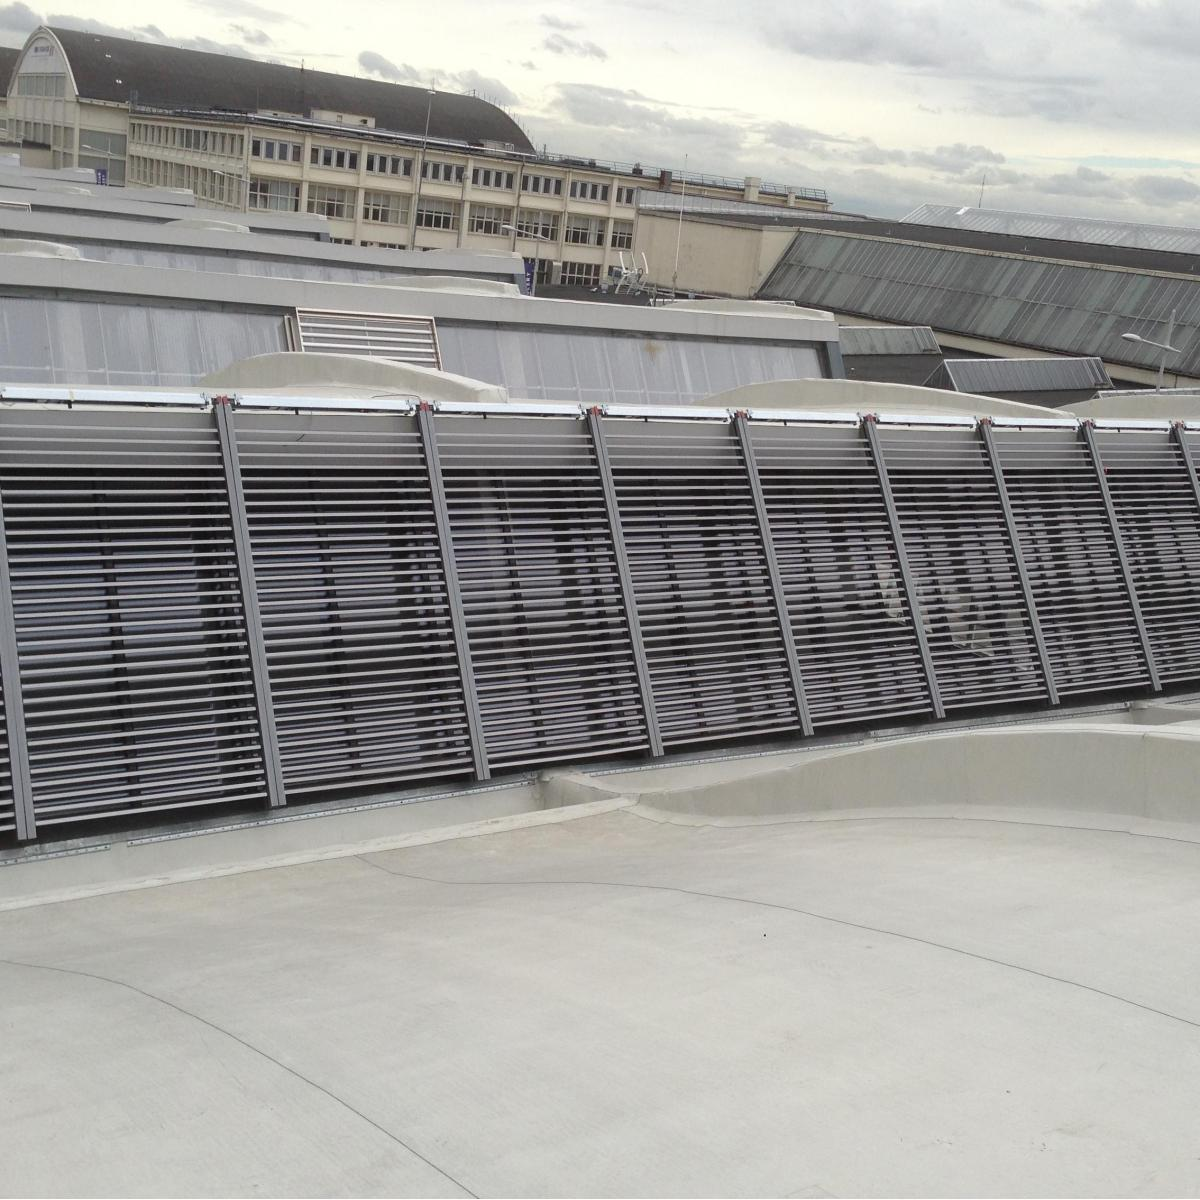 Volets installés sur le toit de la galerie Gagosian au Bourget<br>